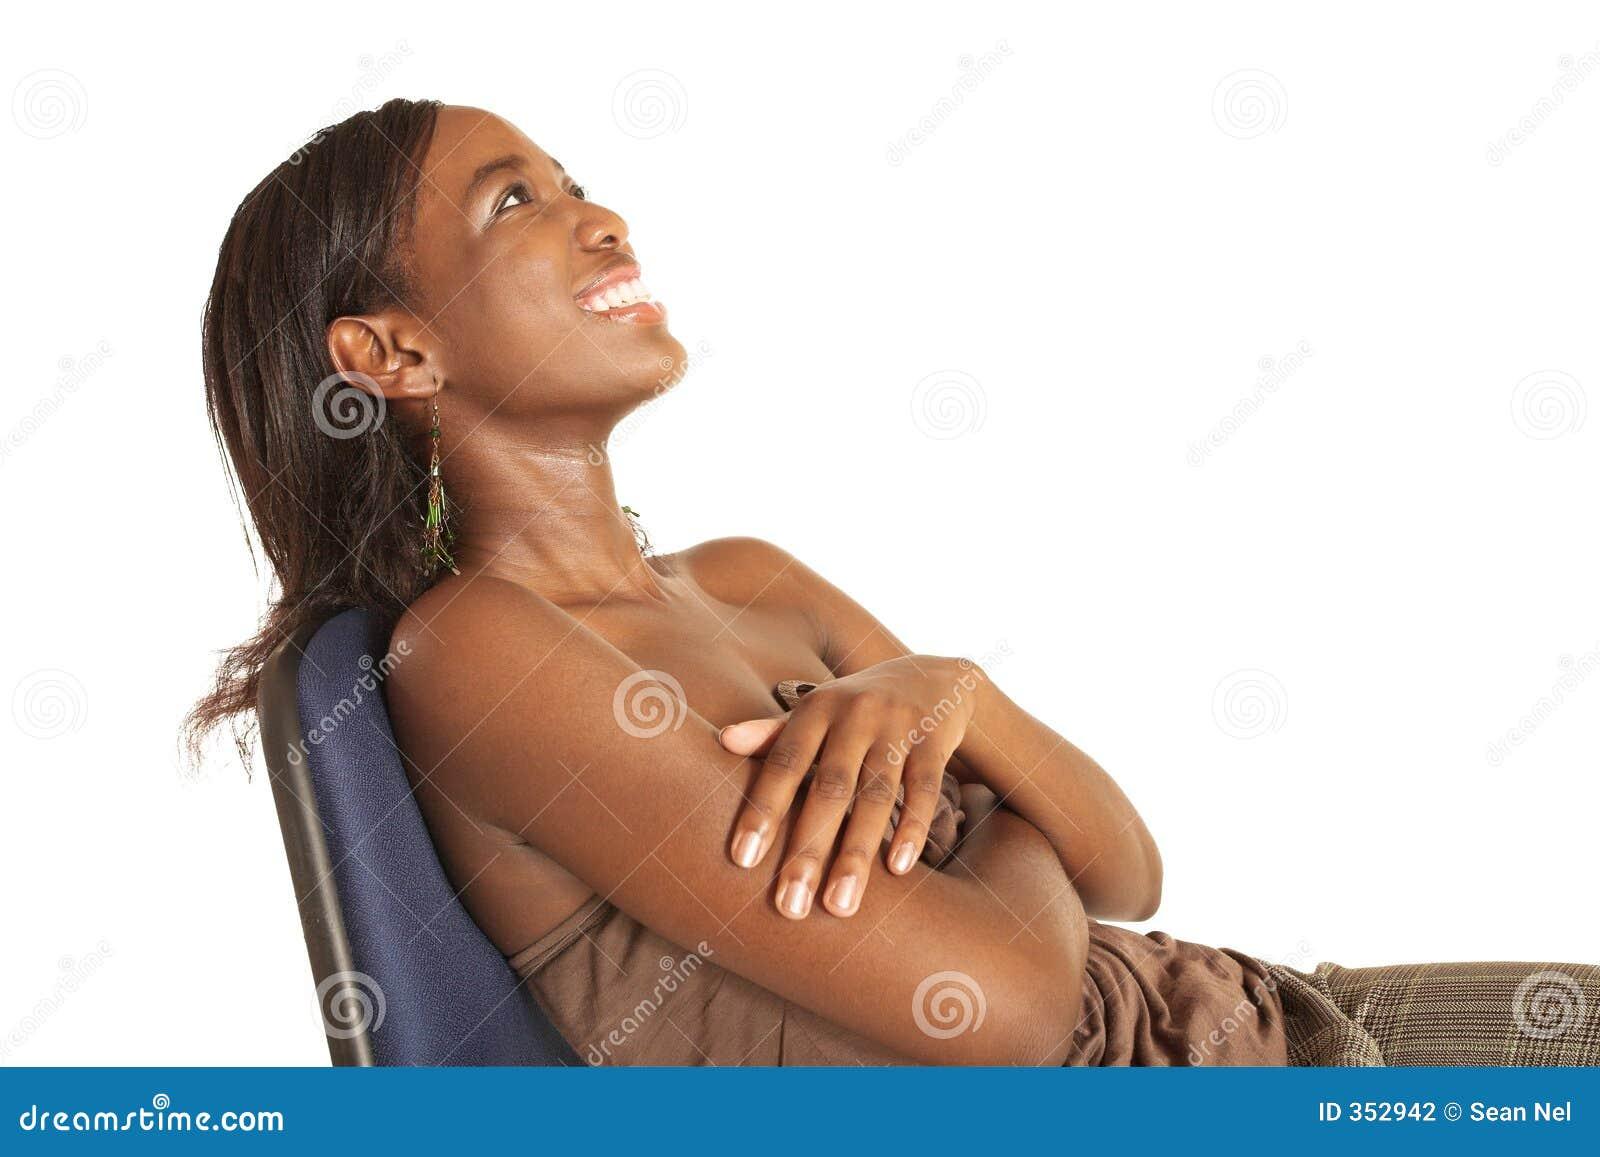 Cynthia Akva #11